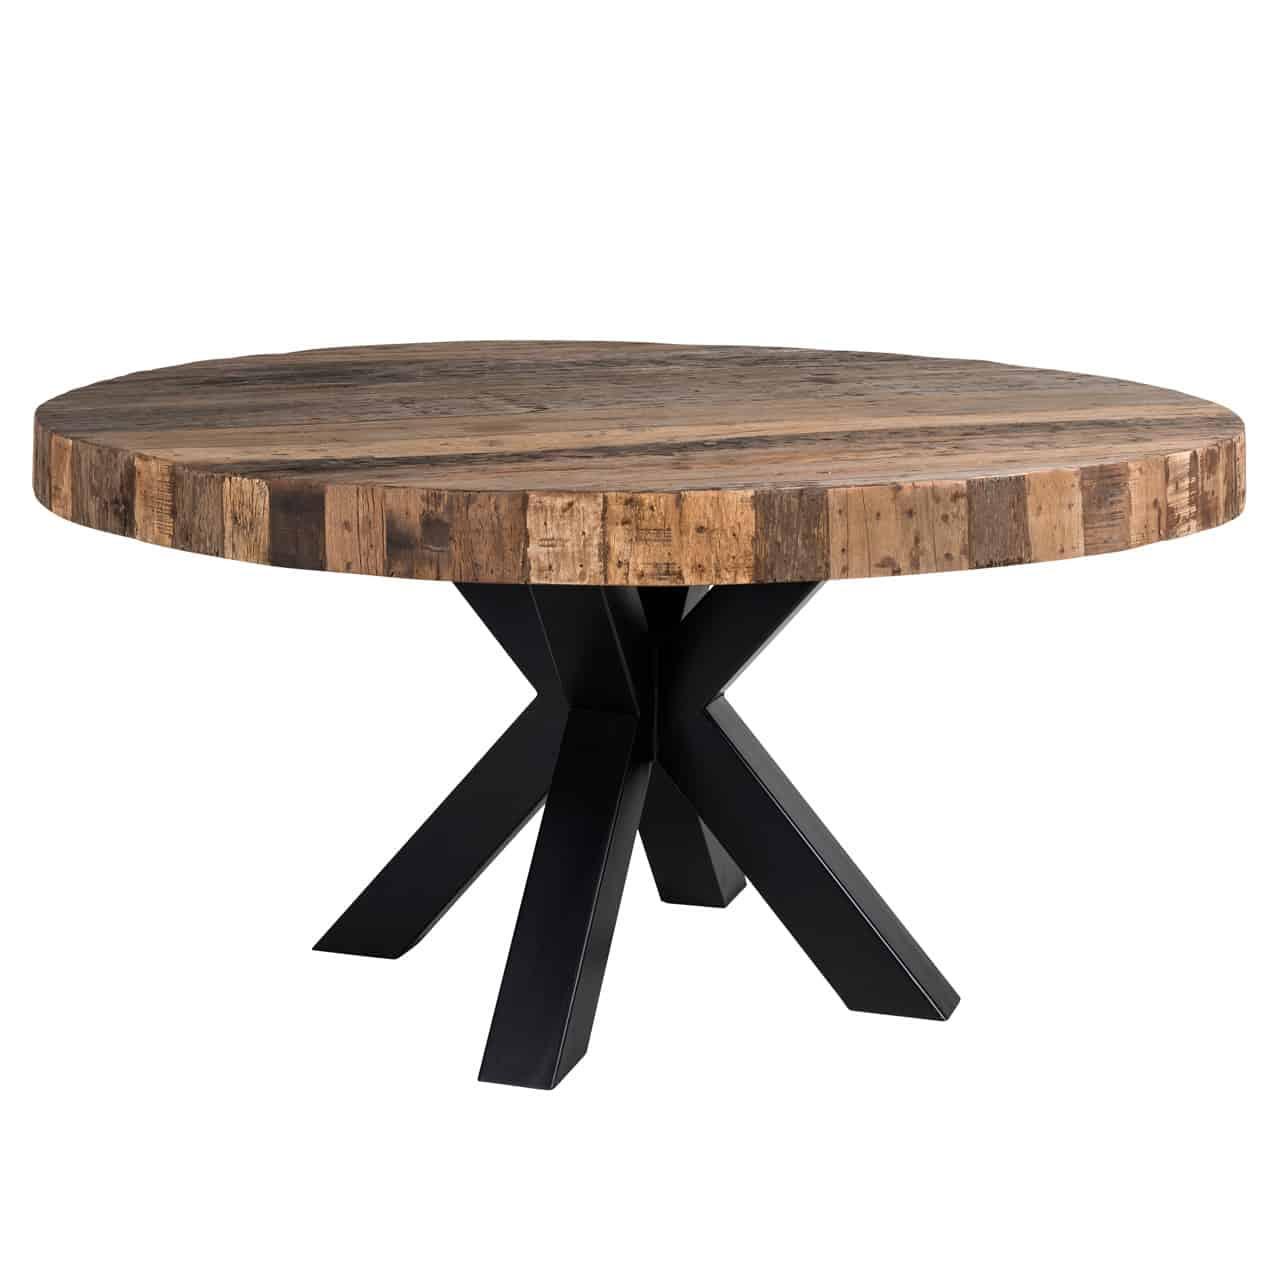 Table Ronde Industrielle Pied Acier Noir Plateau Epais Bois Brut